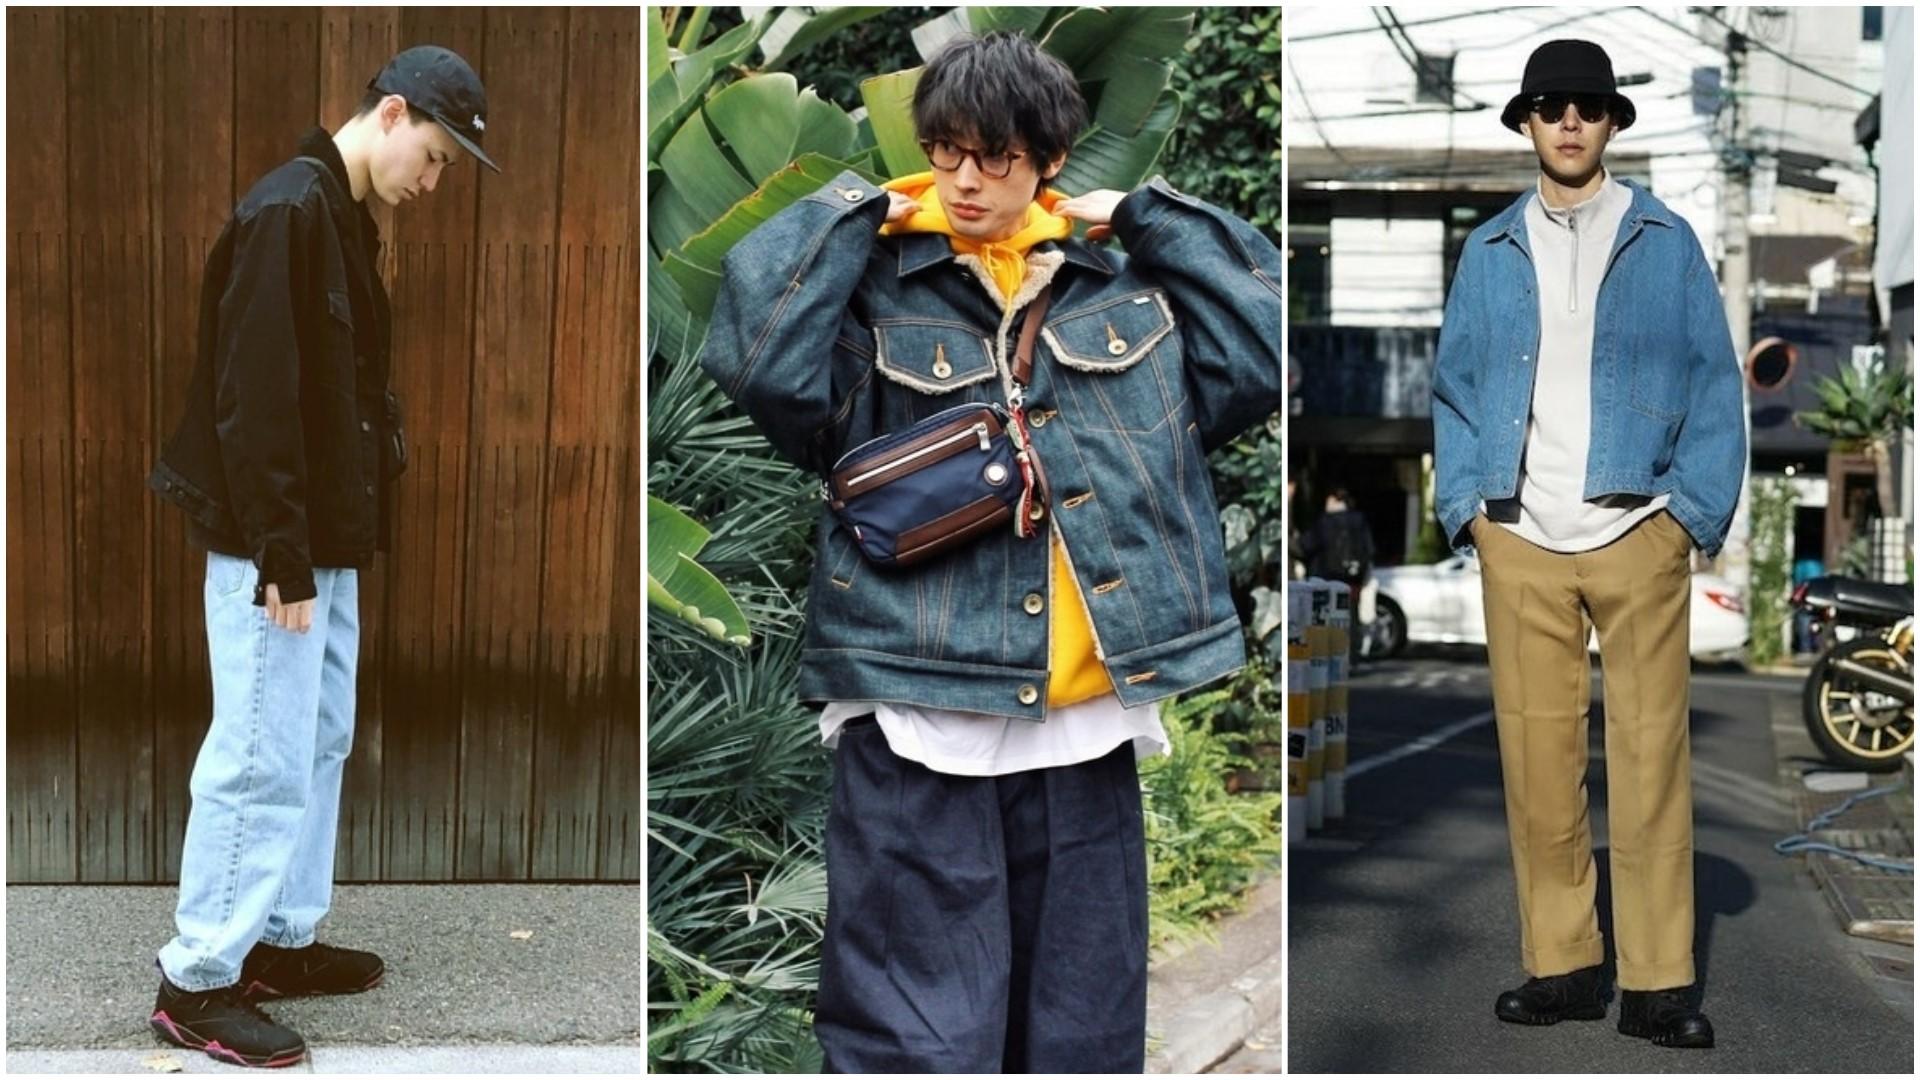 經典牛仔外套這樣穿搭!「牛仔外套」搭配這三褲款絕不出錯